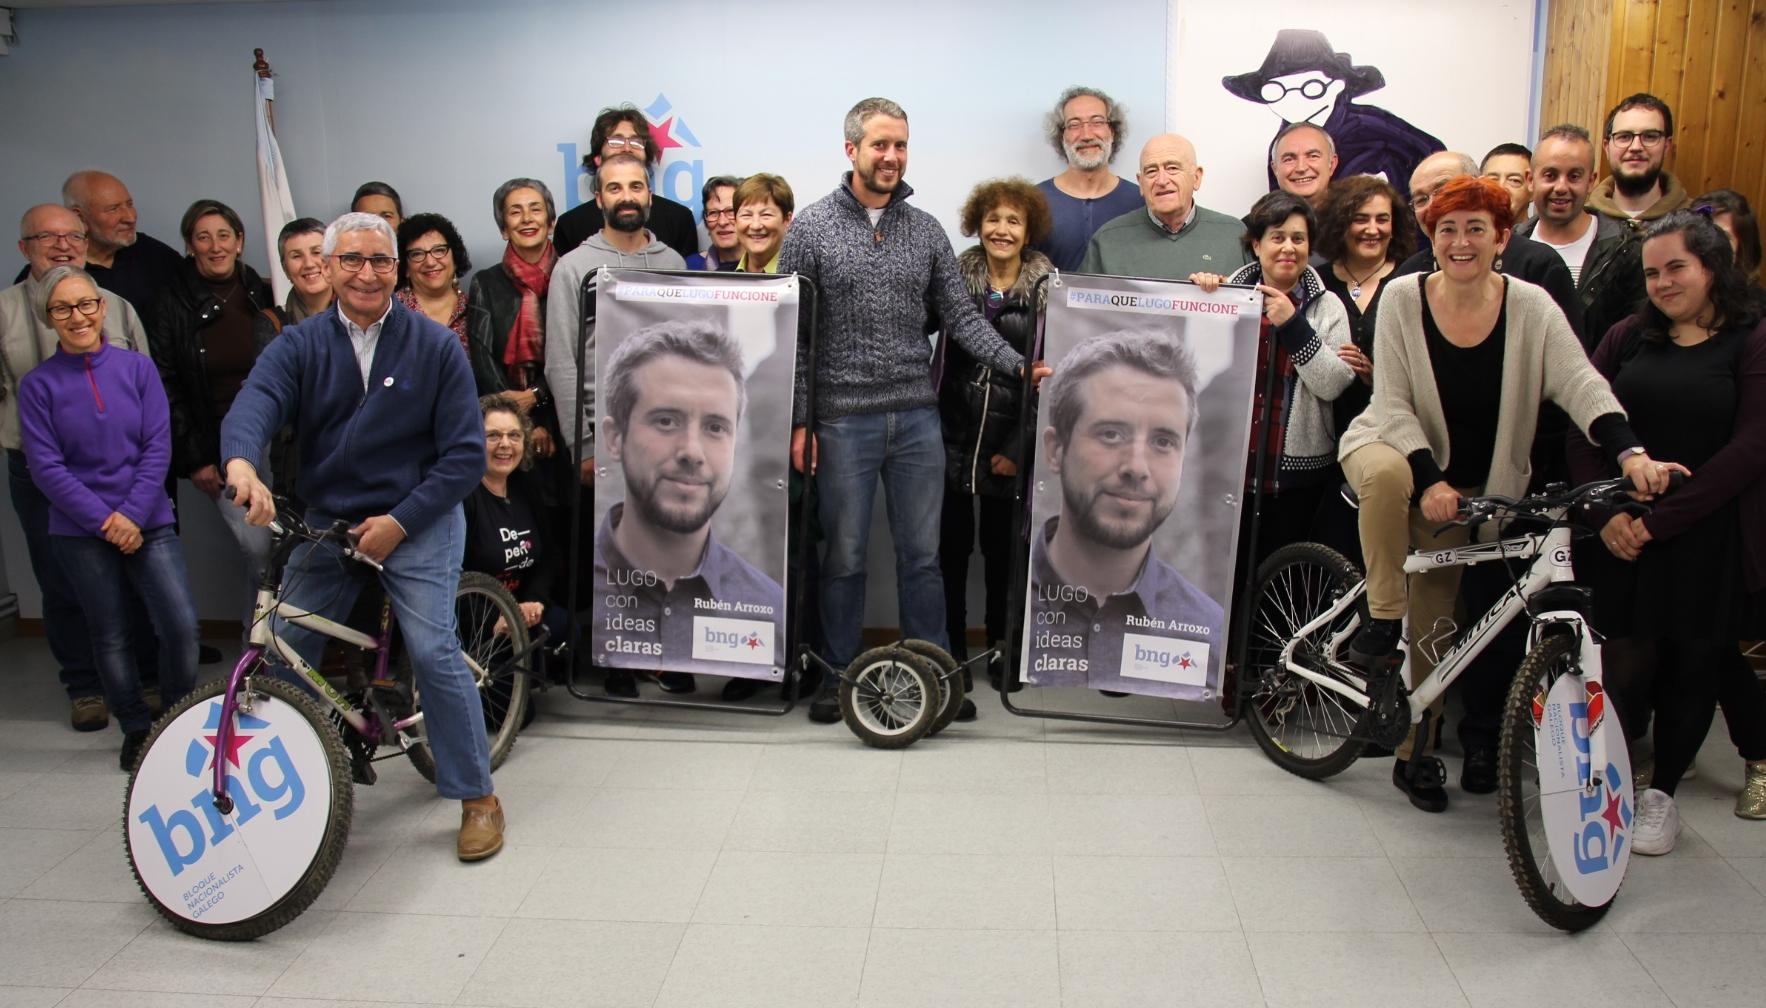 26M - Apertura da campaña do BNG en Lugo